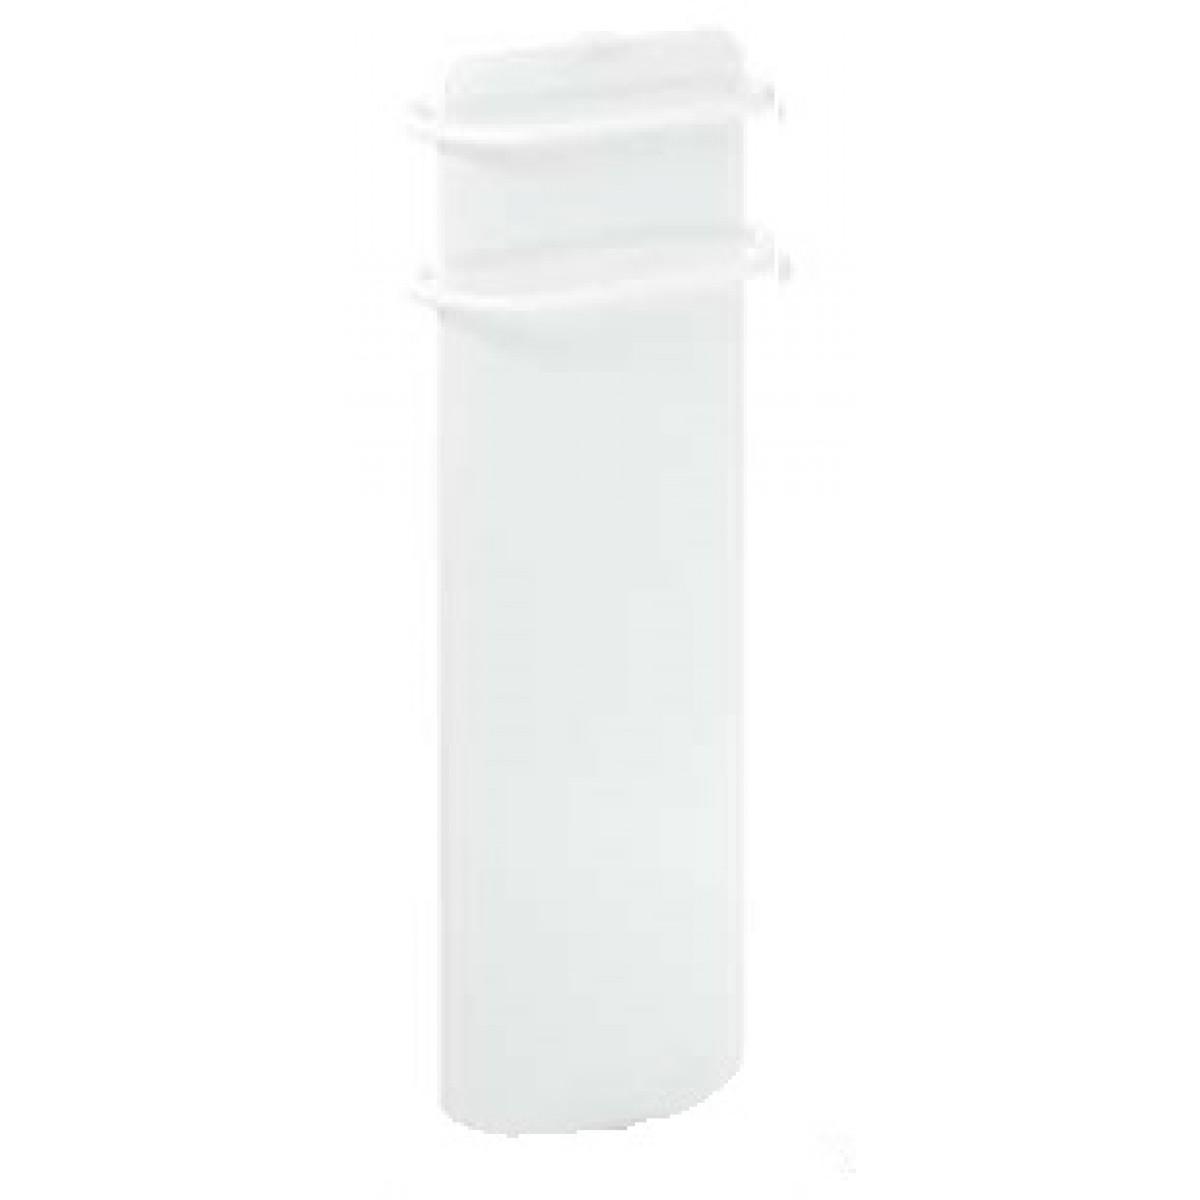 CAMPAVER BAINS Lys Blanc 600+600W - Отопление за баня от Ел отопление